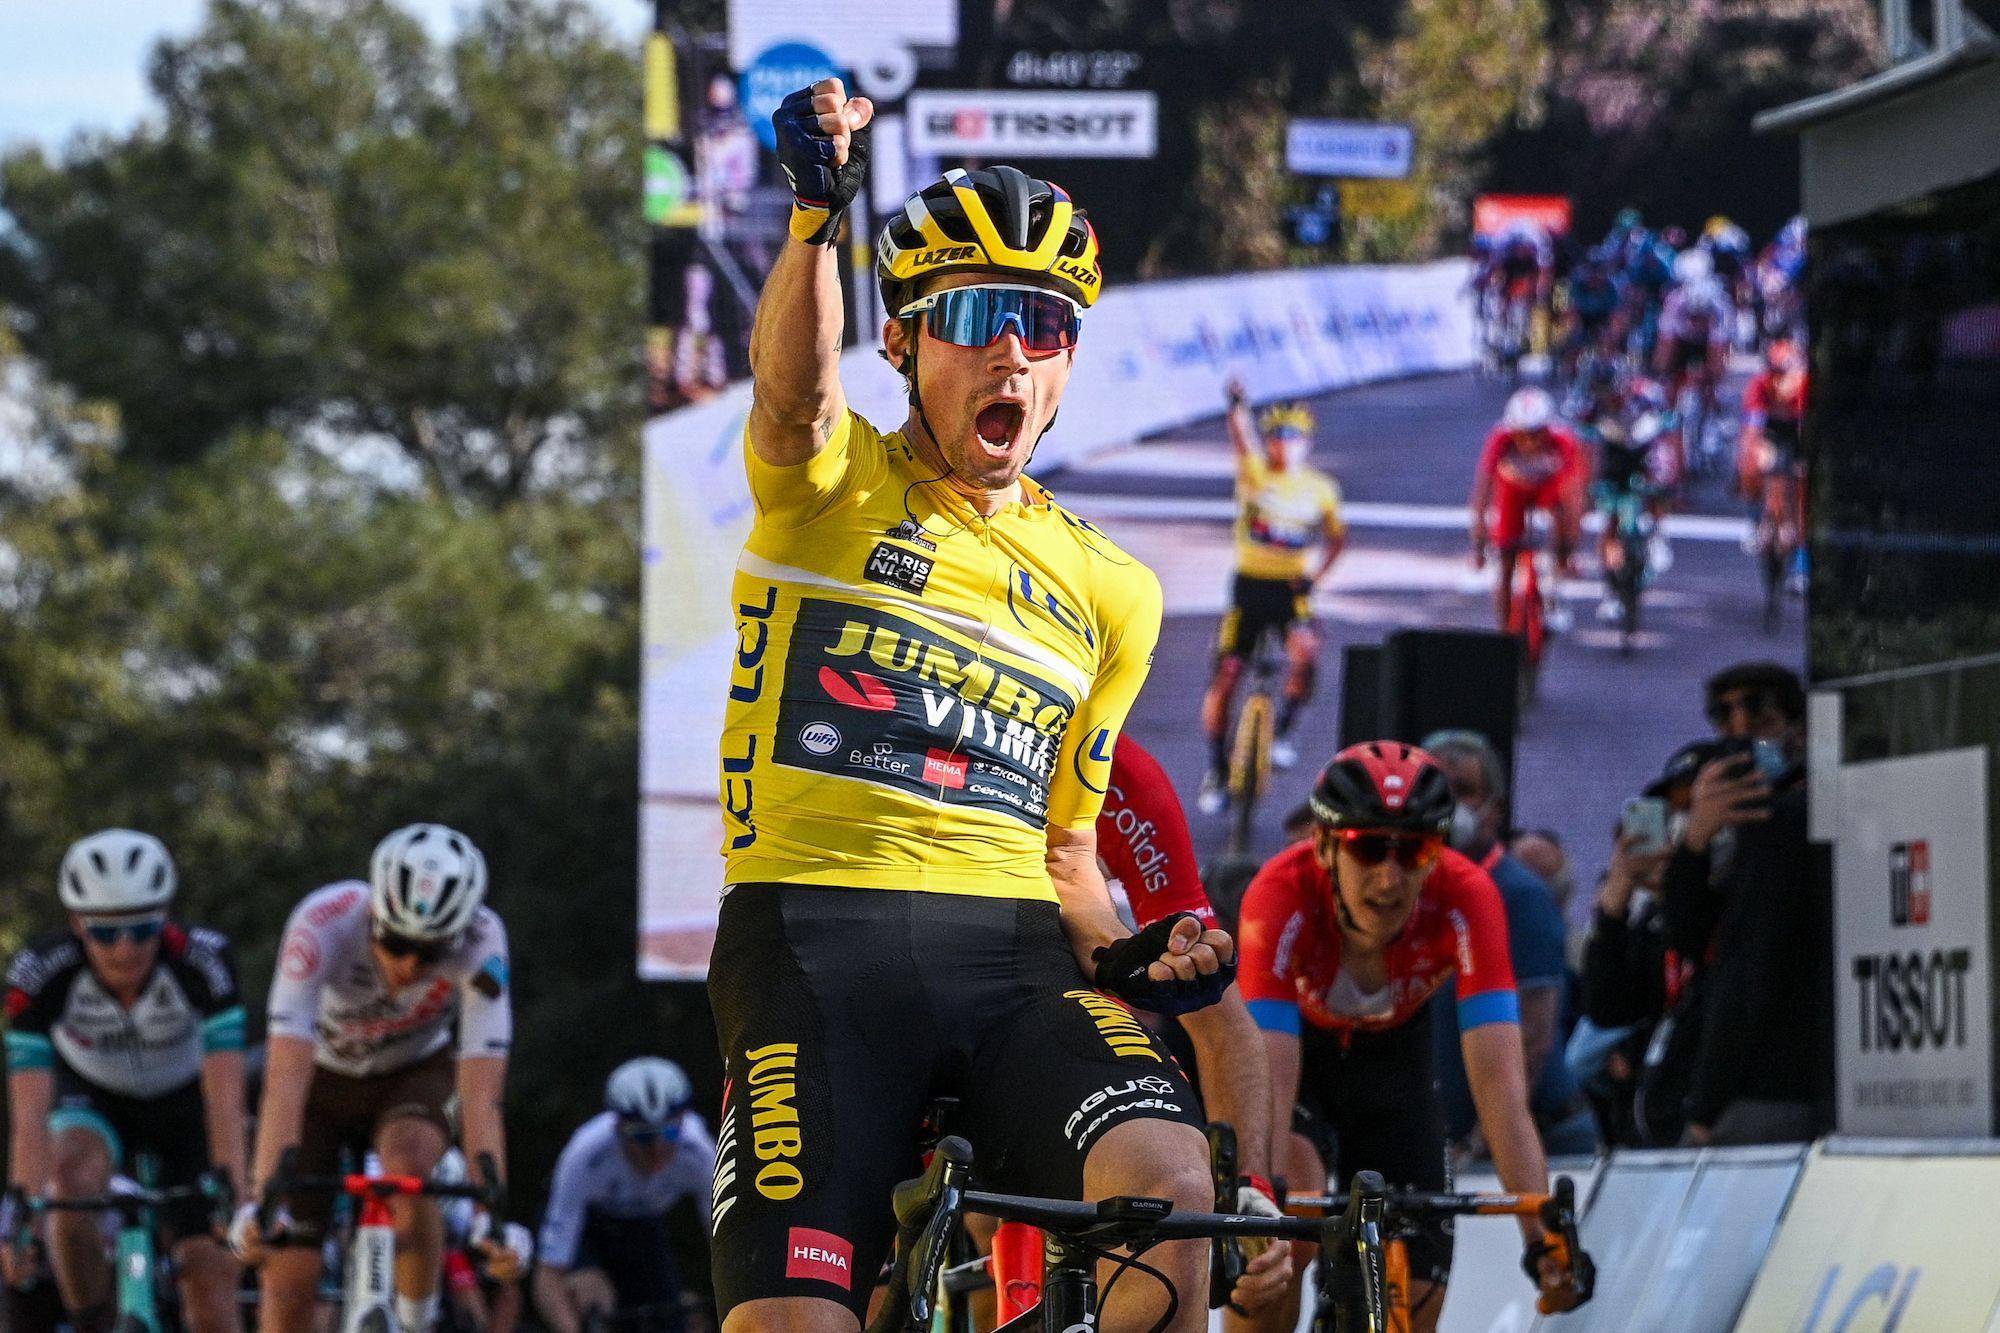 Primož Roglič ustoppelig, da han tager etape seks af Paris-Nice, en soliderende GC-føring